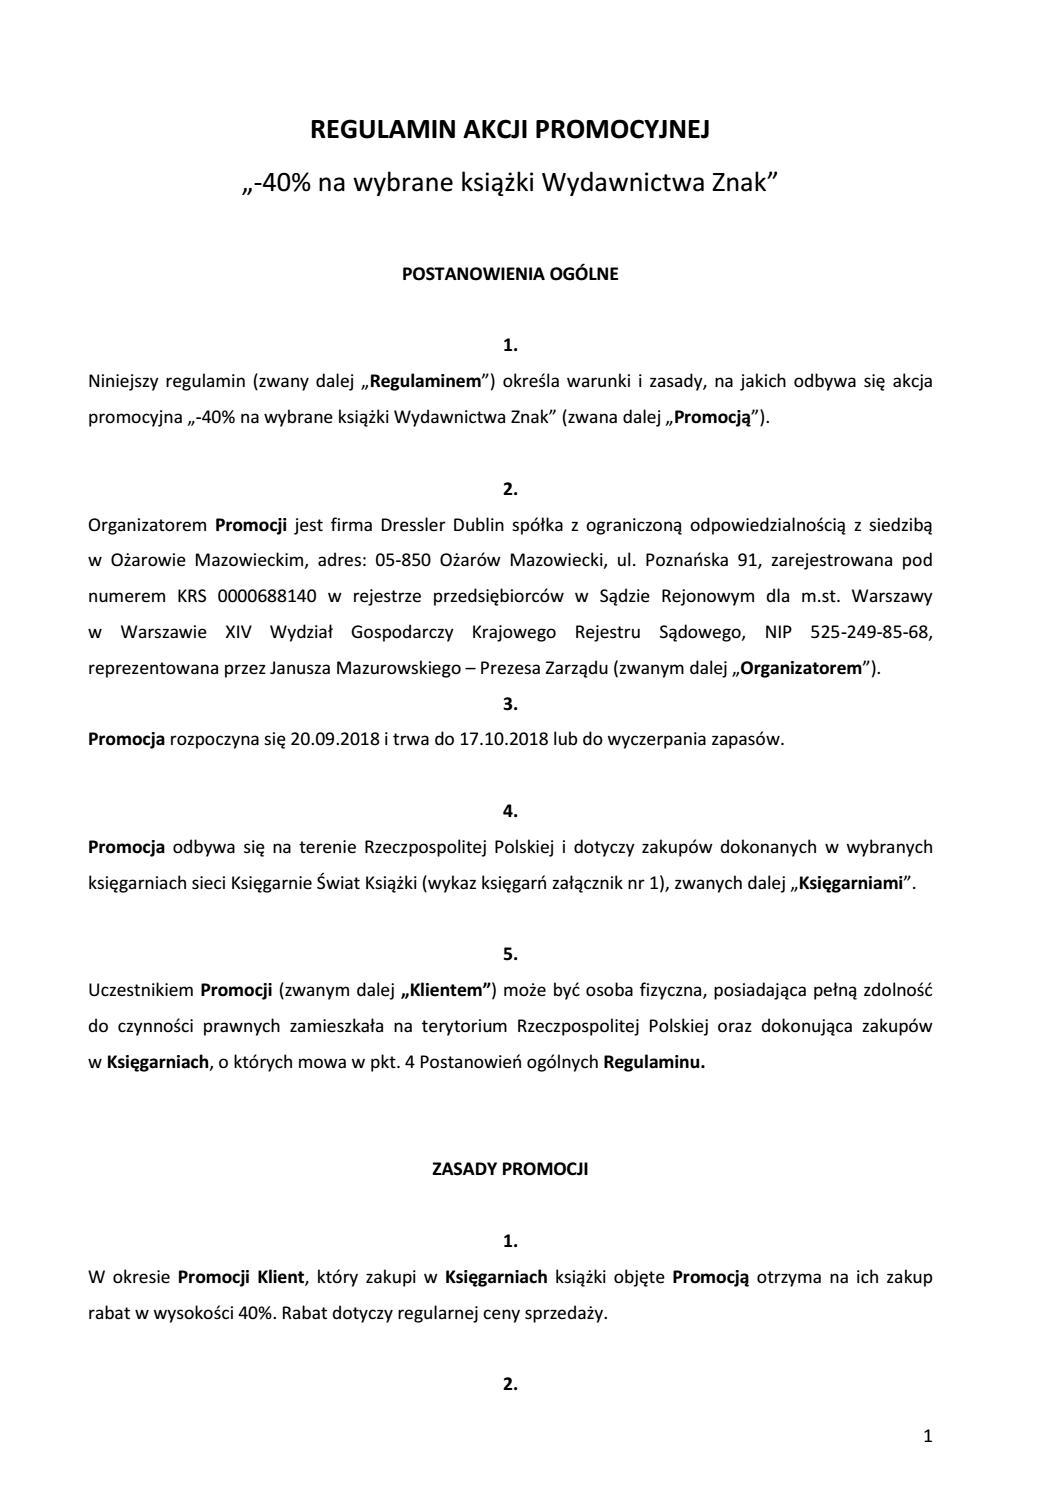 Księgarnie świat Książki Regulamin Akcji 40 Na Wybrane